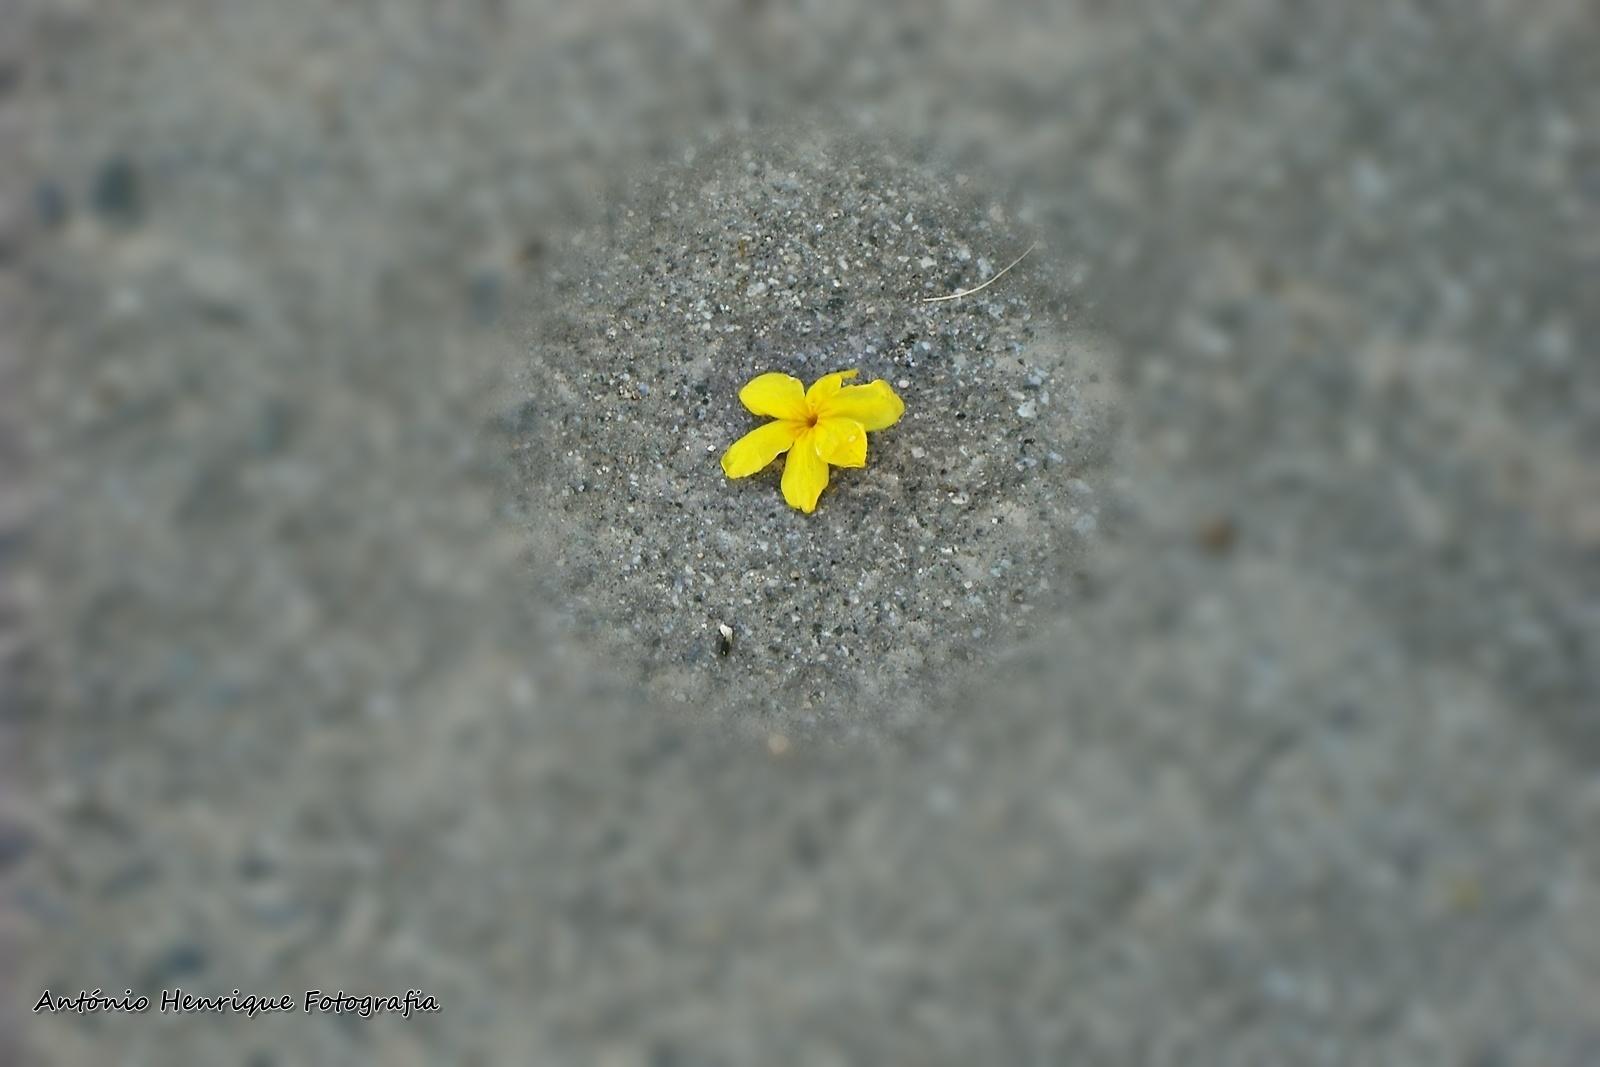 Abstrato/Quando uma flor cai (ler)